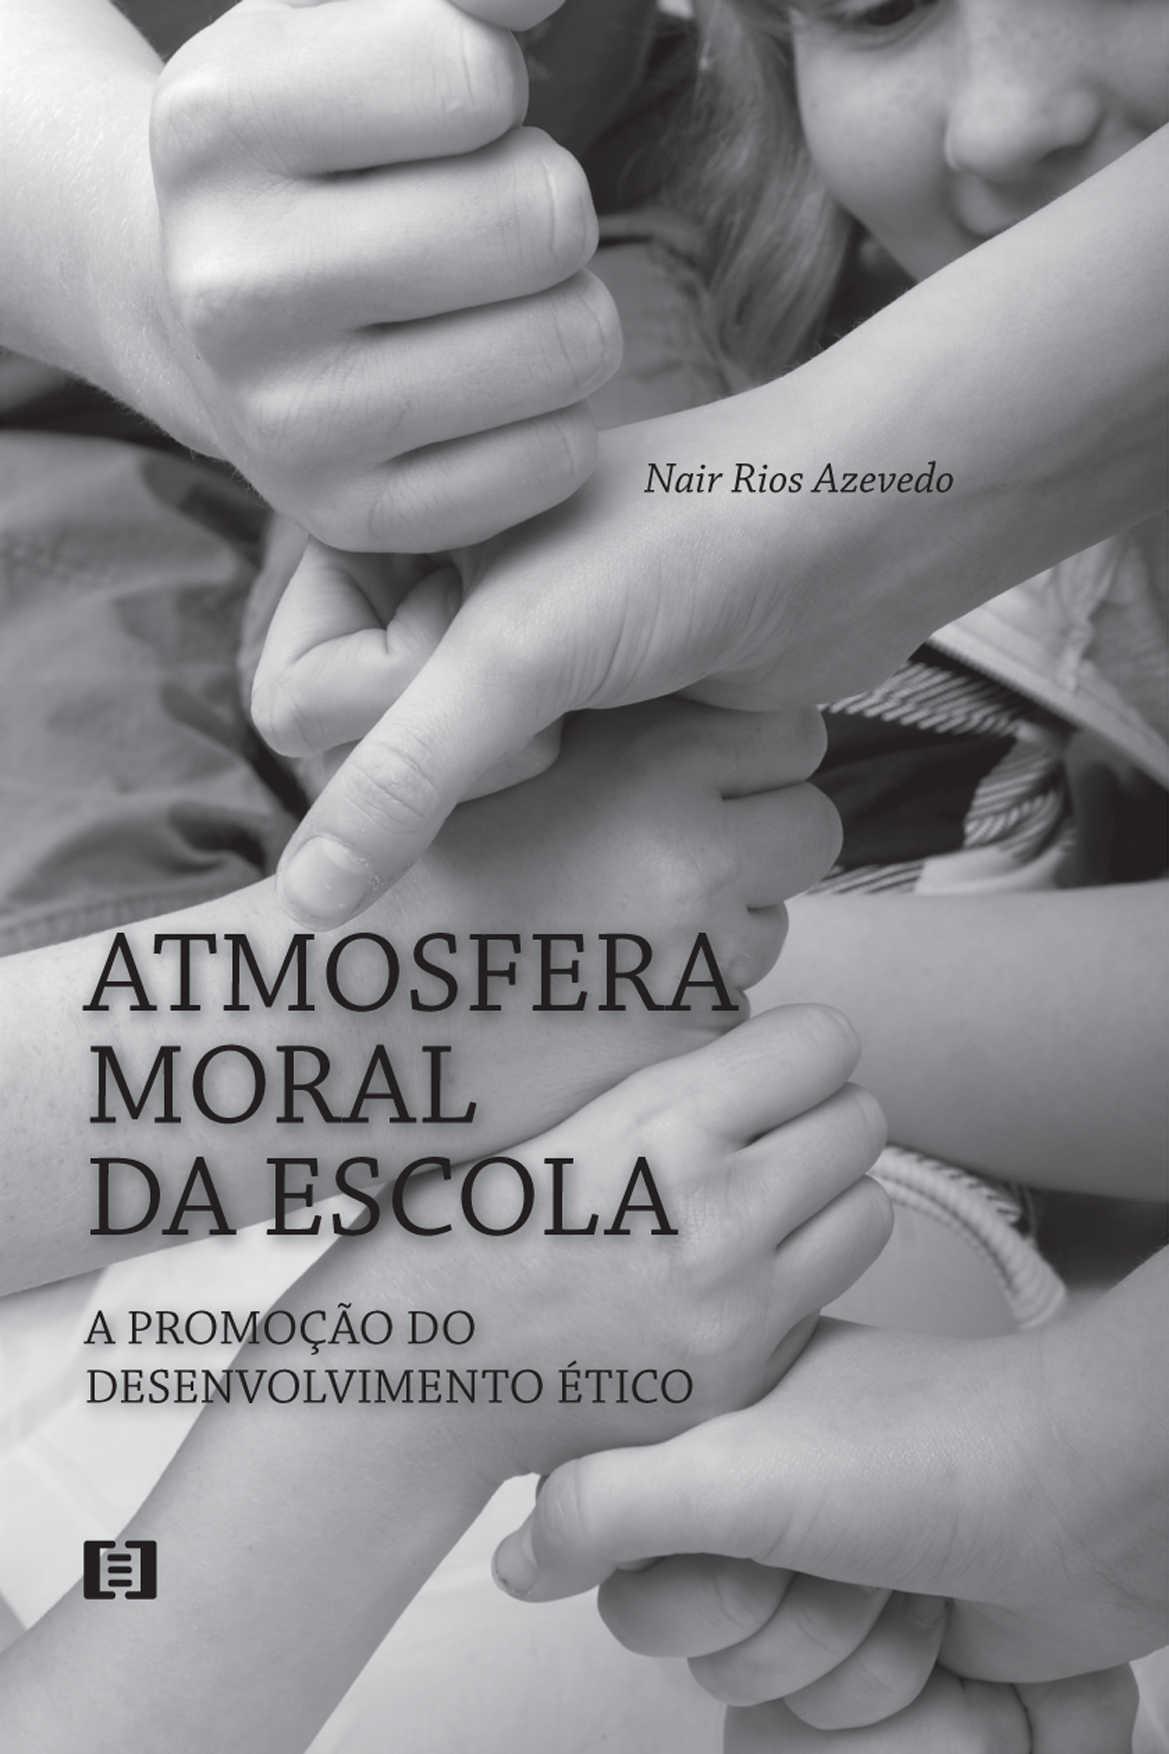 Atmosfera moral da escola: A promoção do desenvolvimento ético